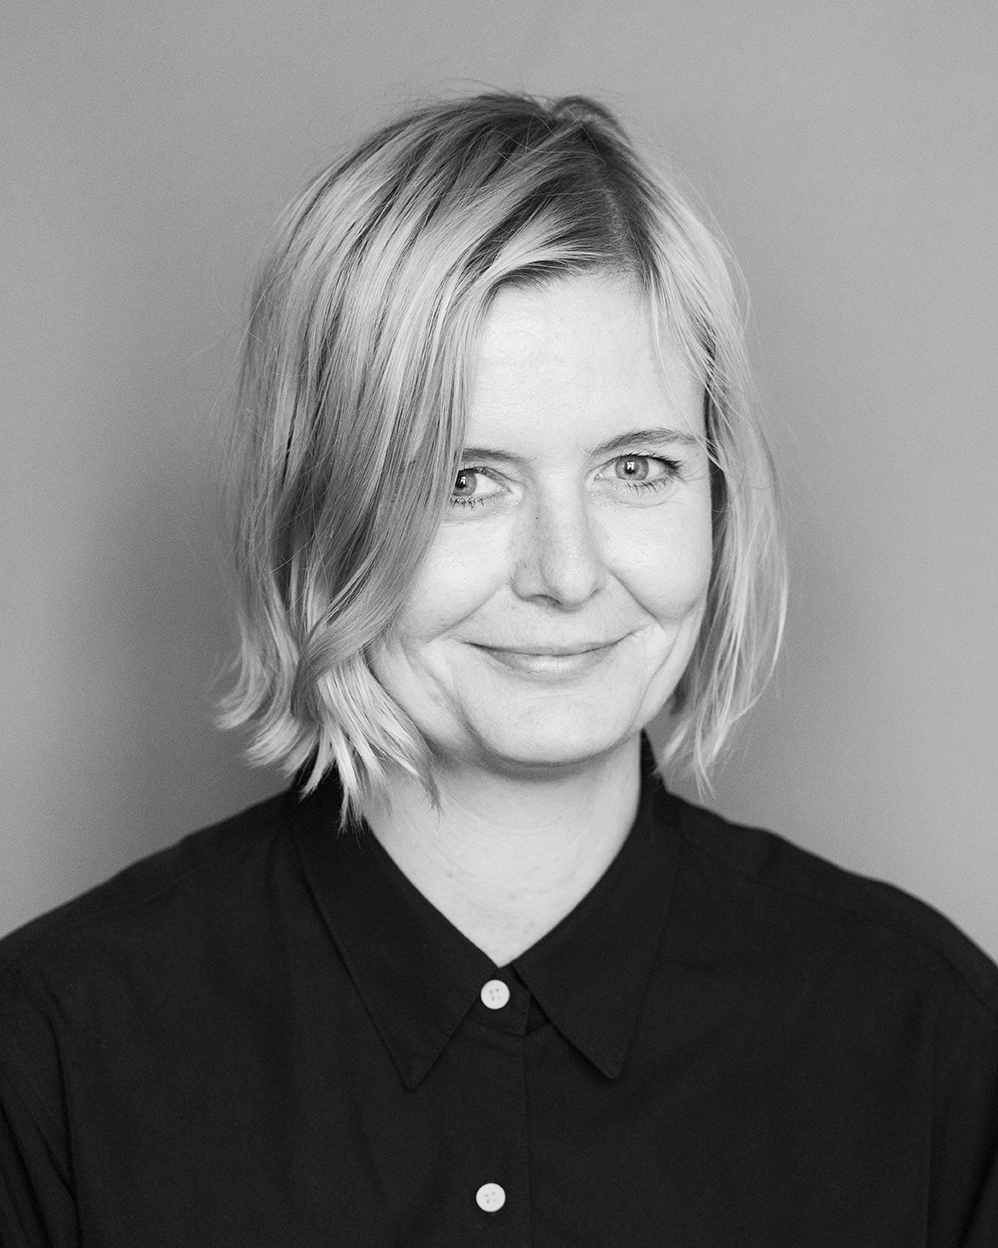 Foto: Henrik Bonnevier